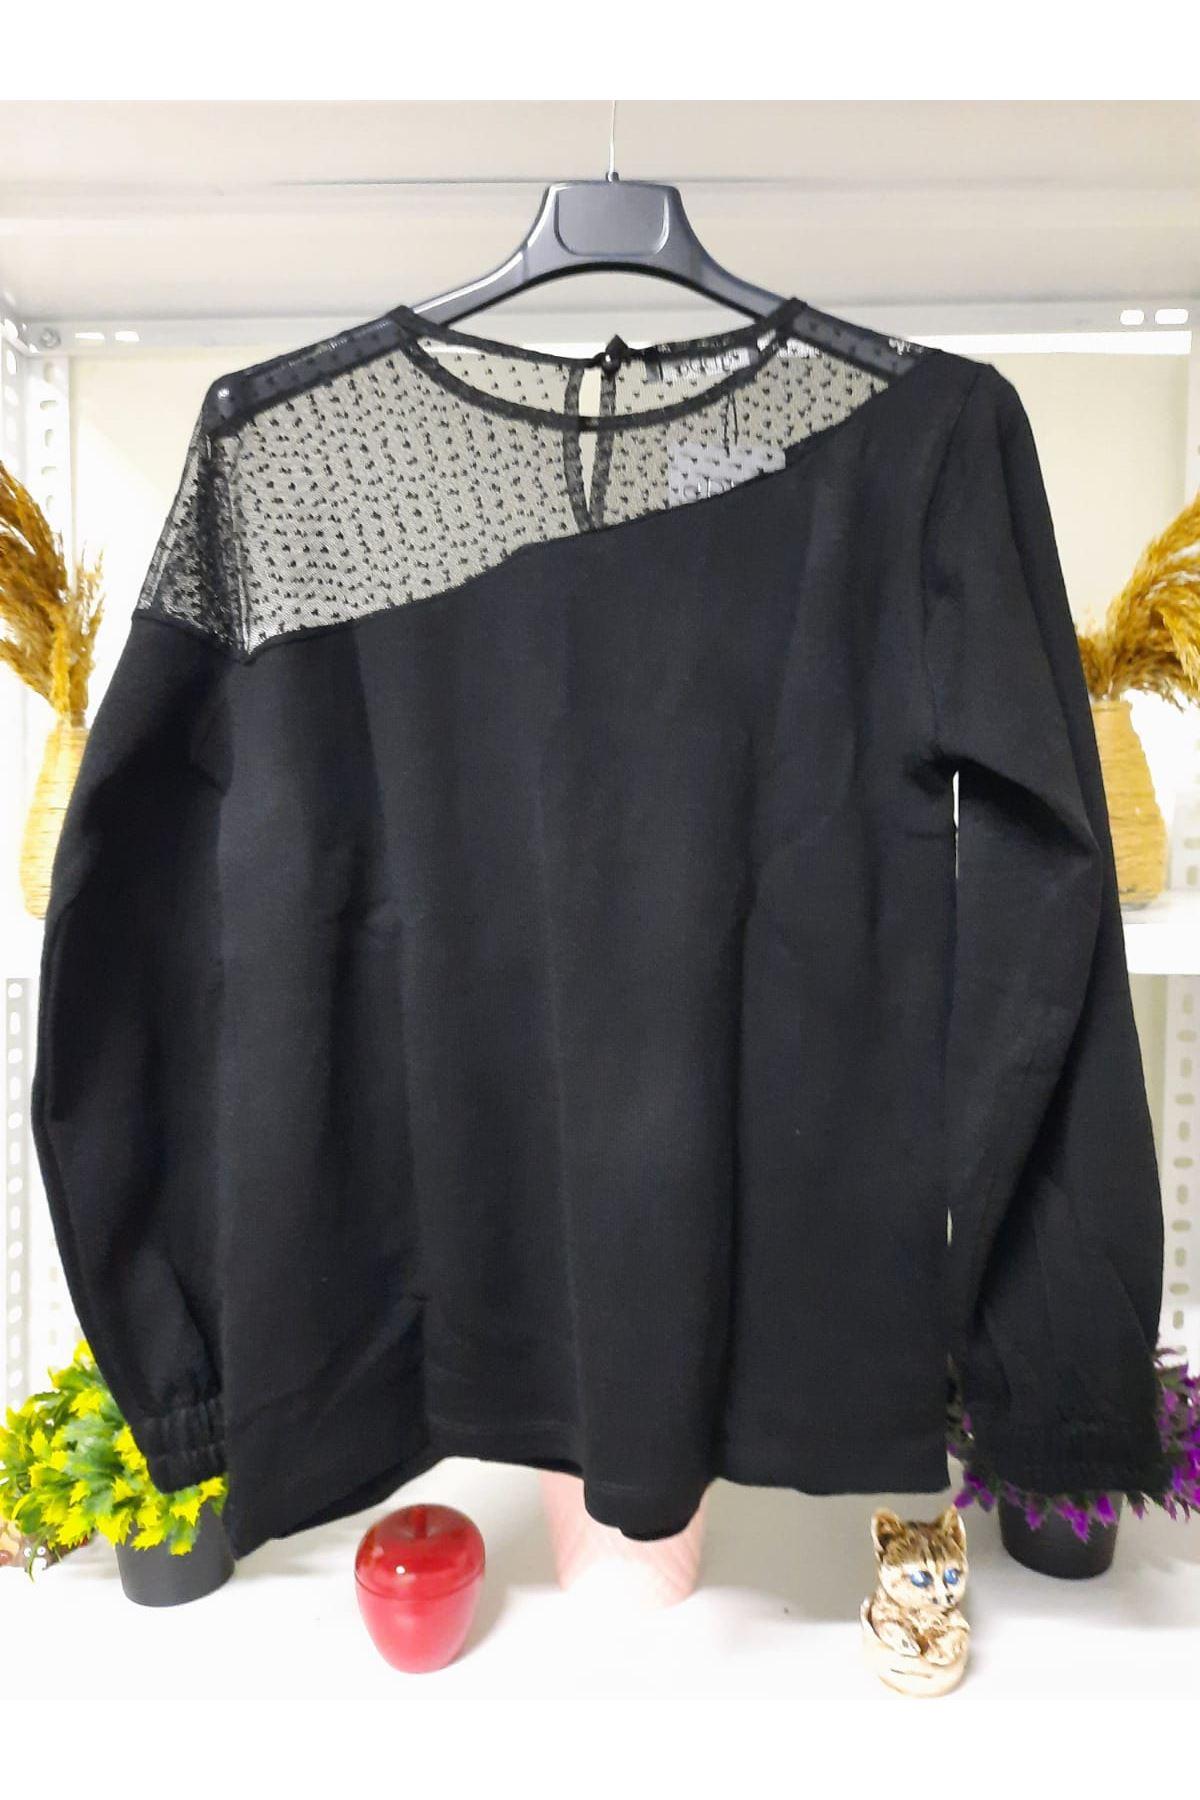 Tül Puan Tasarım Bluz - siyah